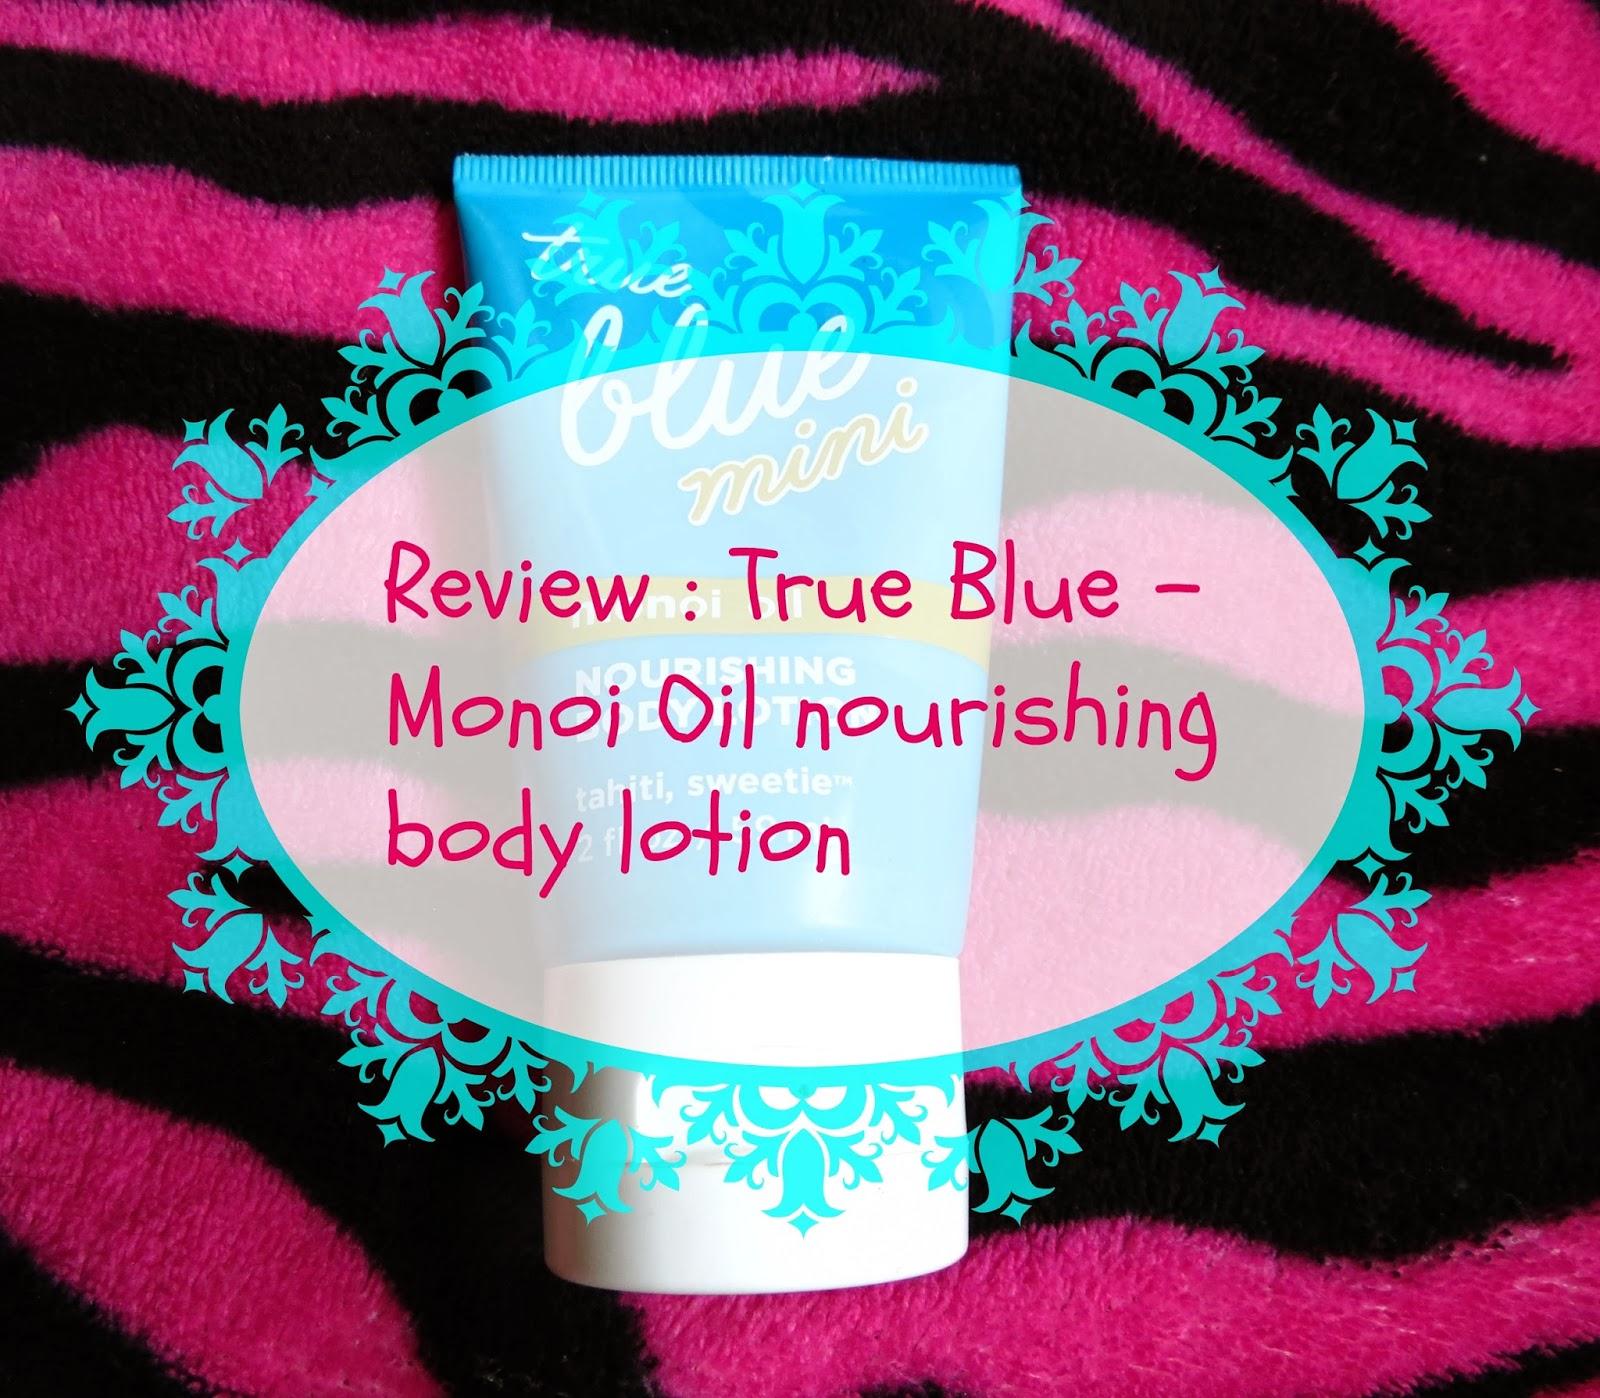 true blue casino review - 3